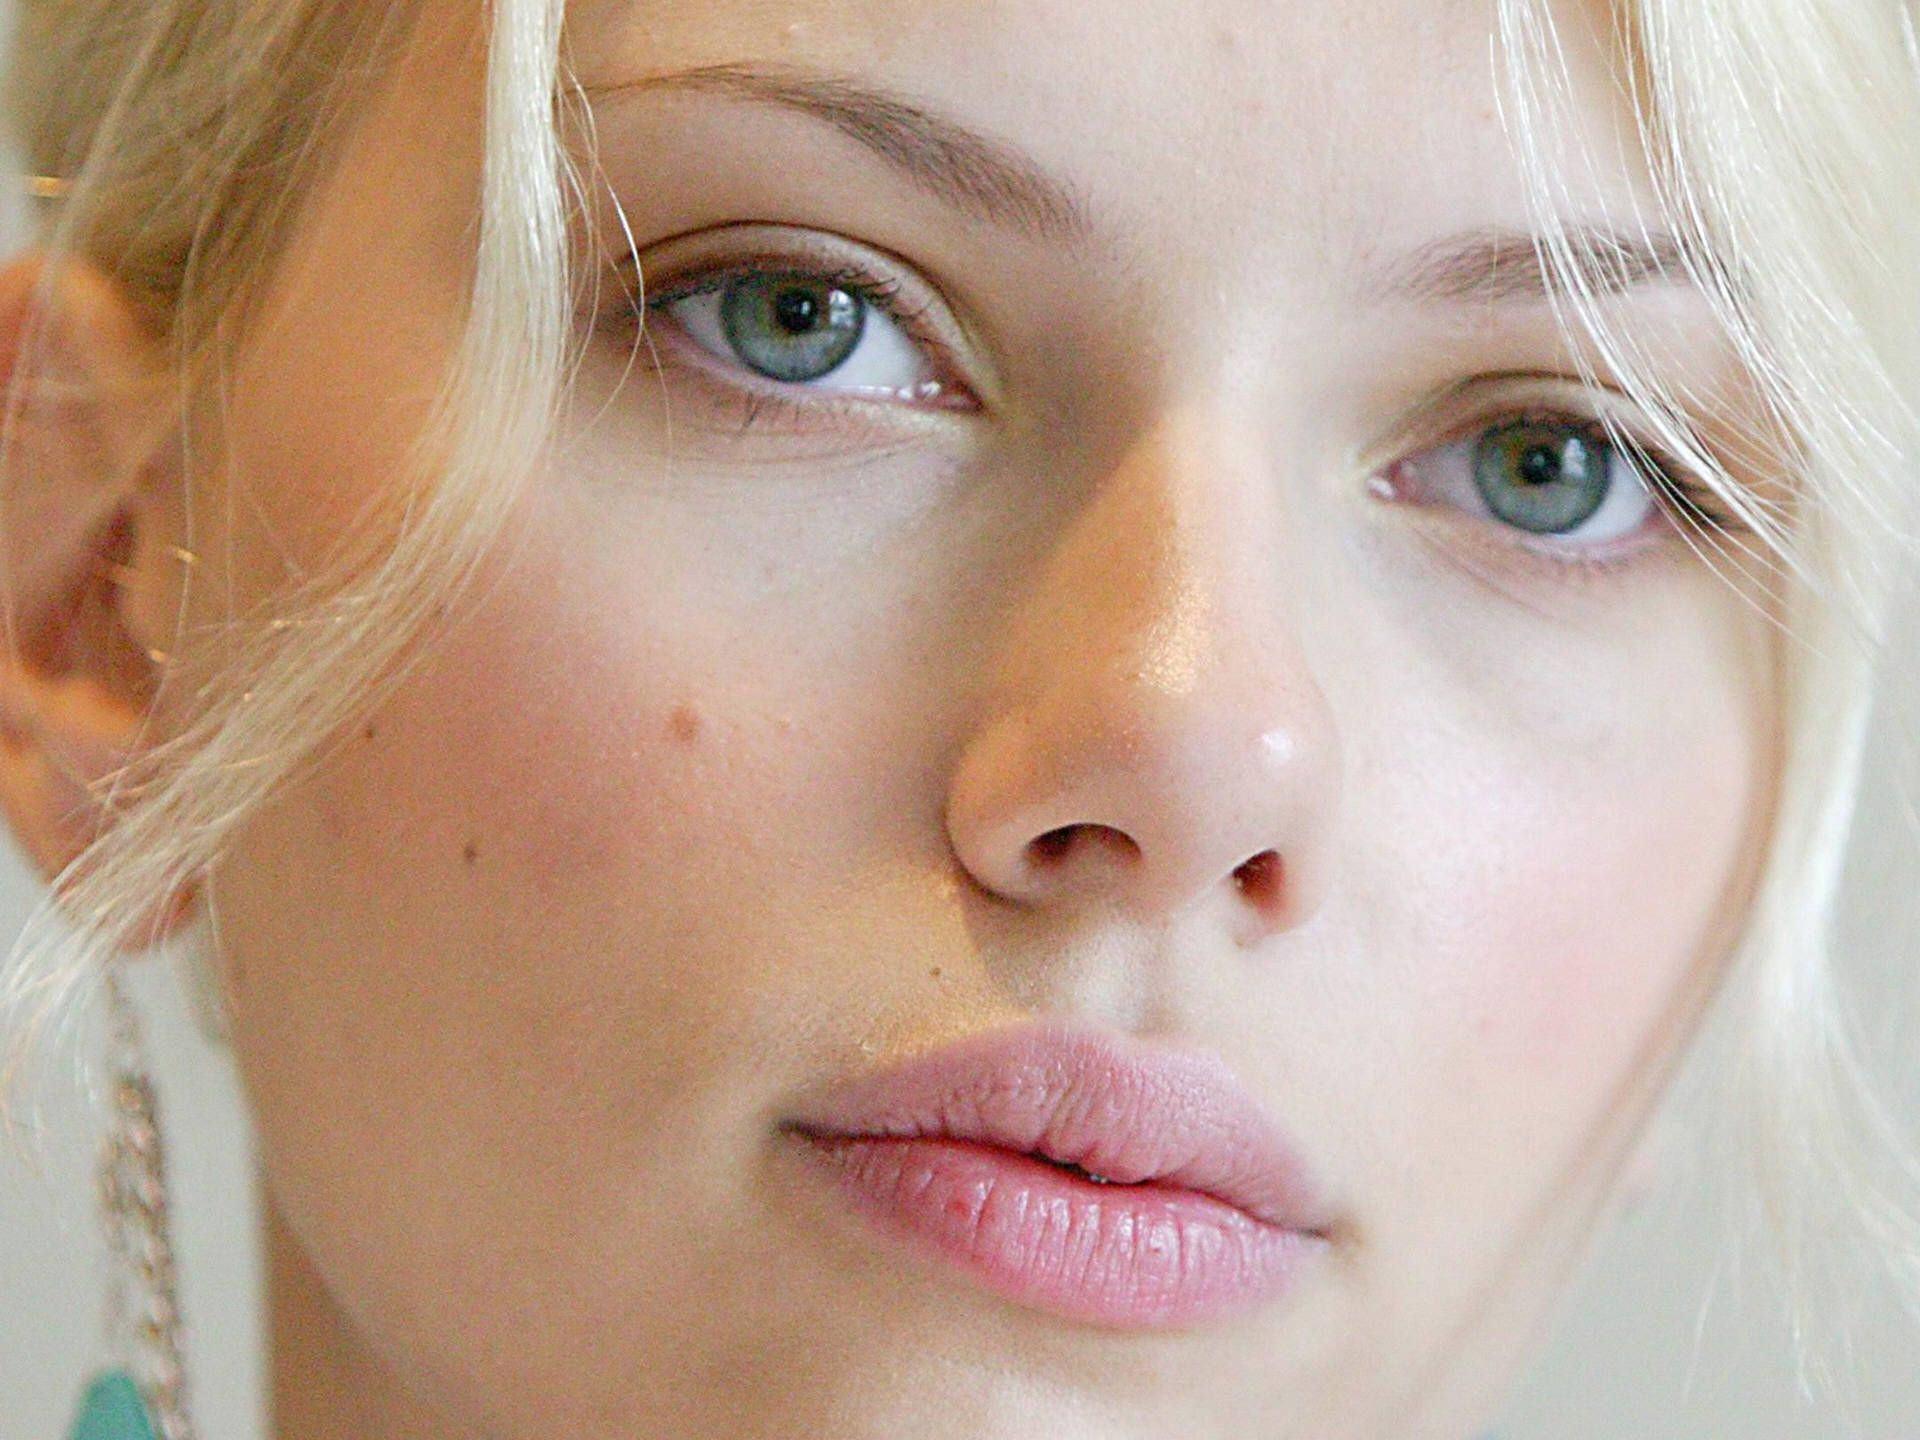 scarlett-johansson-sexy-beauty-eyes-hd-wallpapers